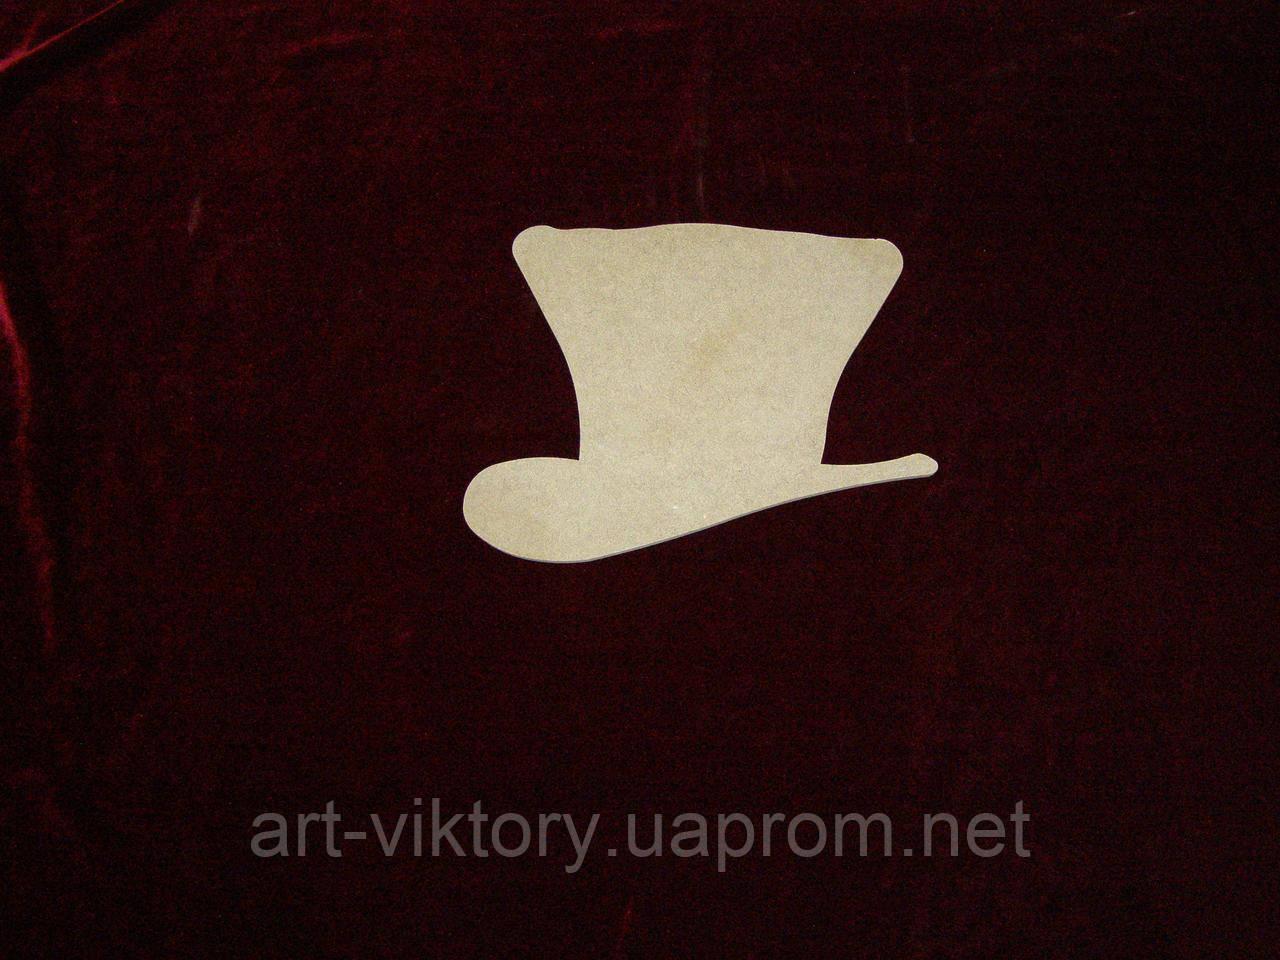 Шляпа мужская (25 х 20 см), декор